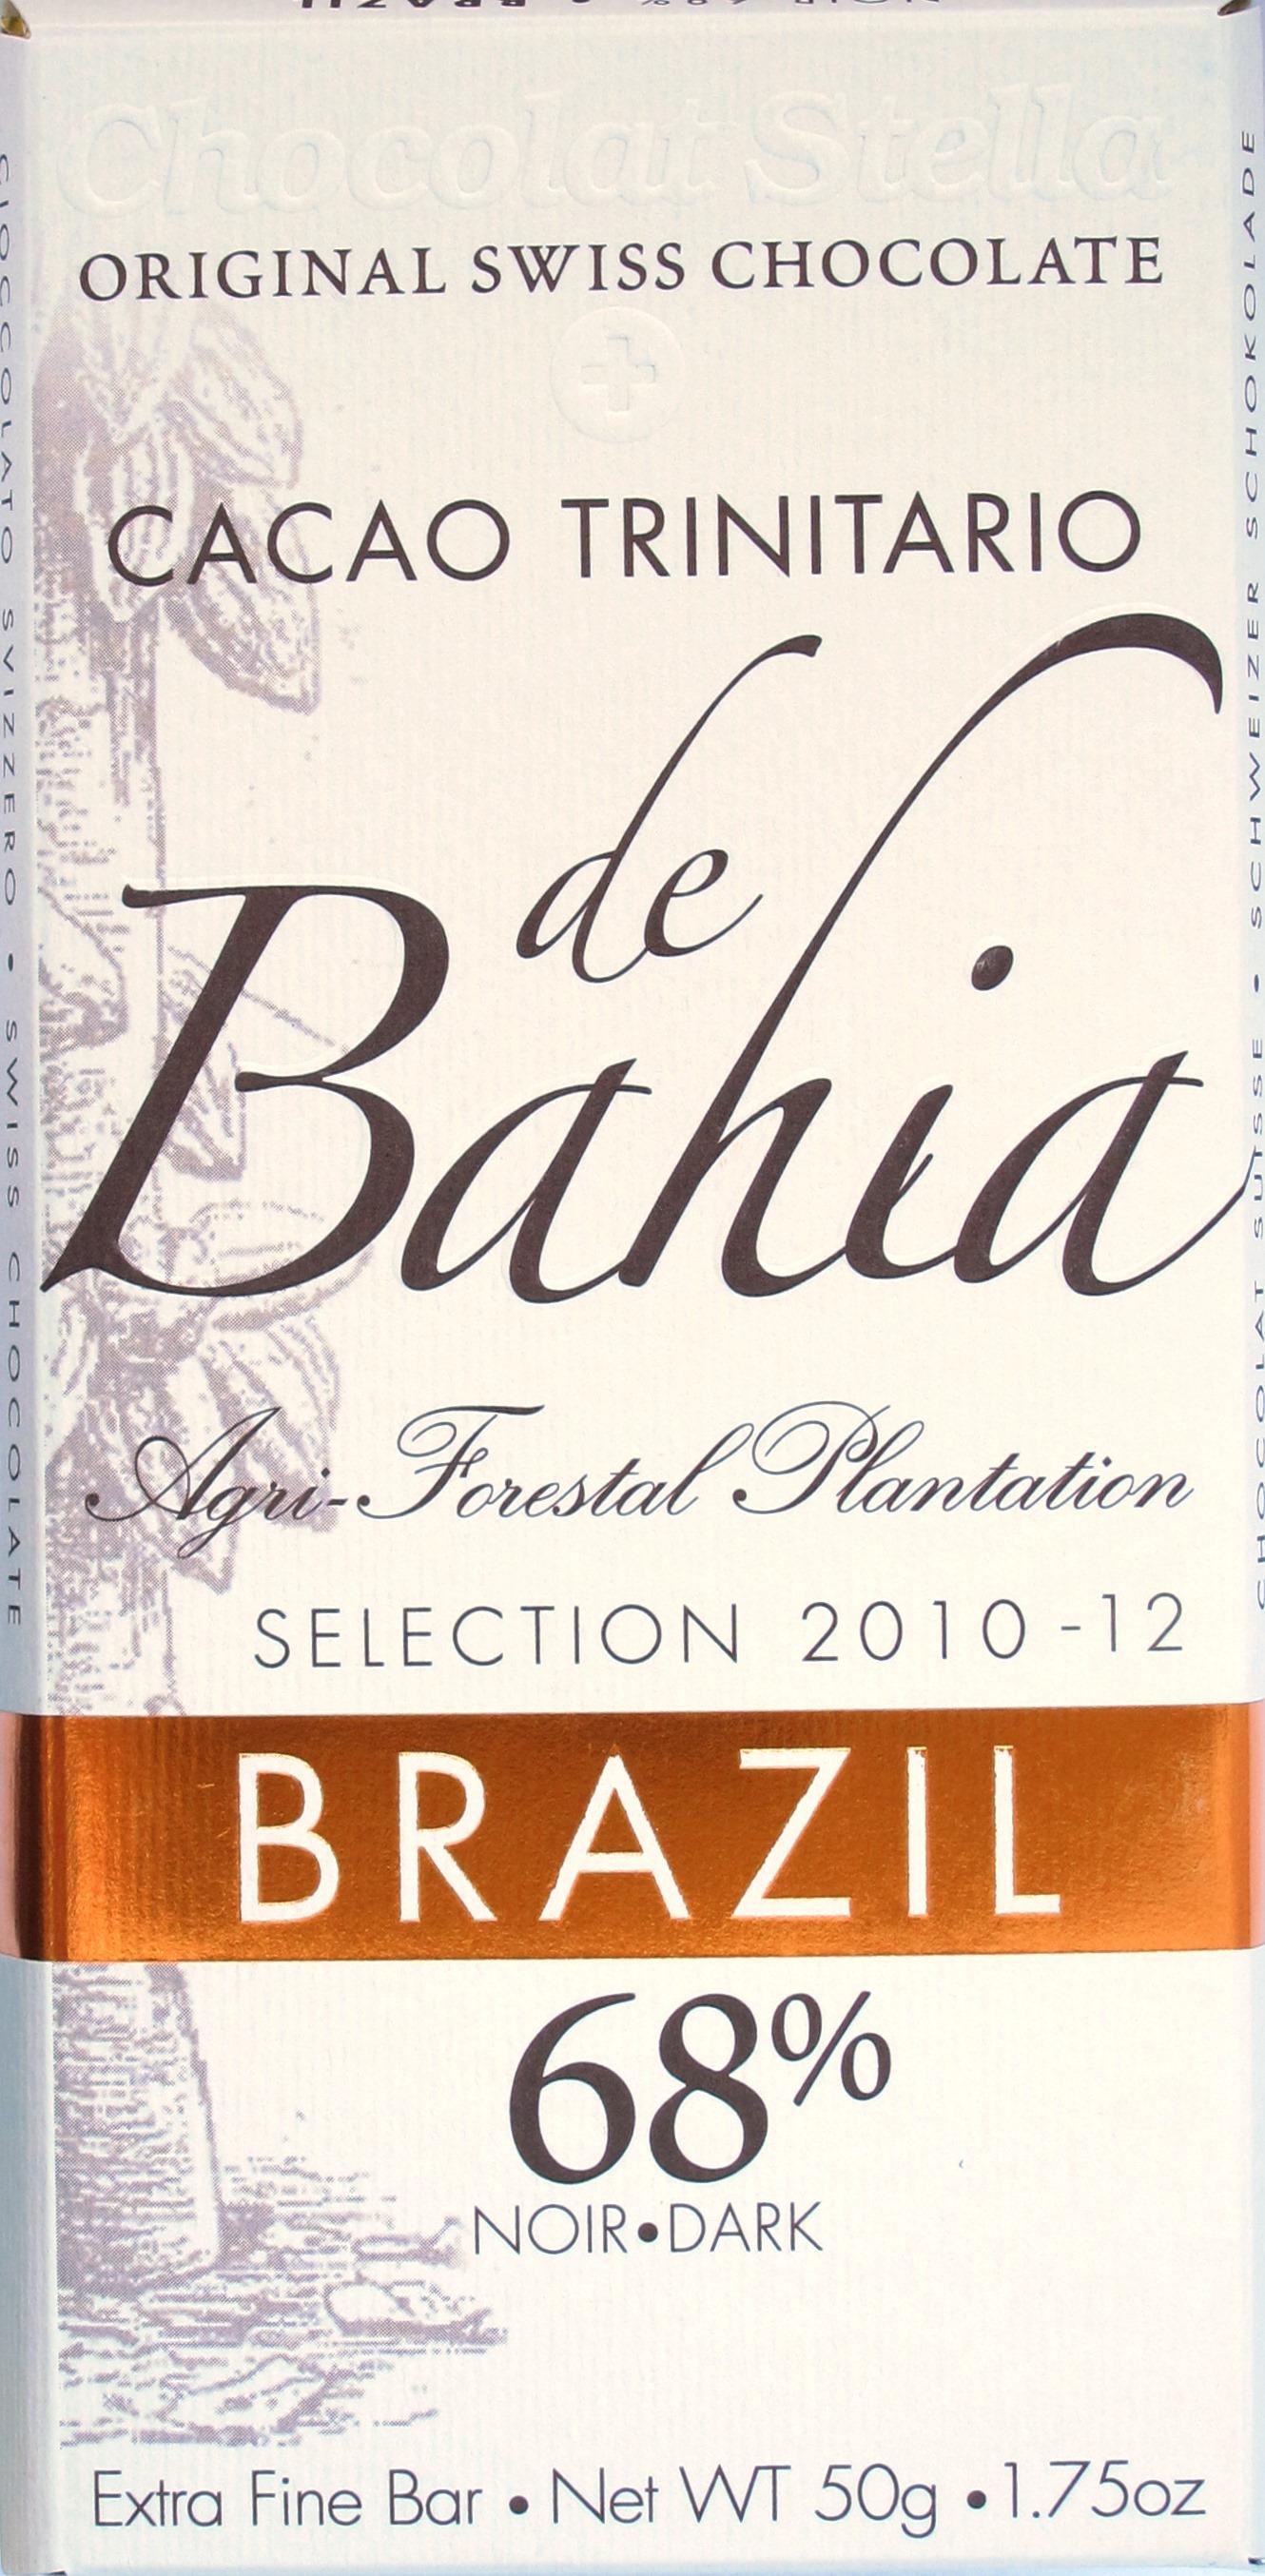 Stella 'Cacao Trinitario Brazil'